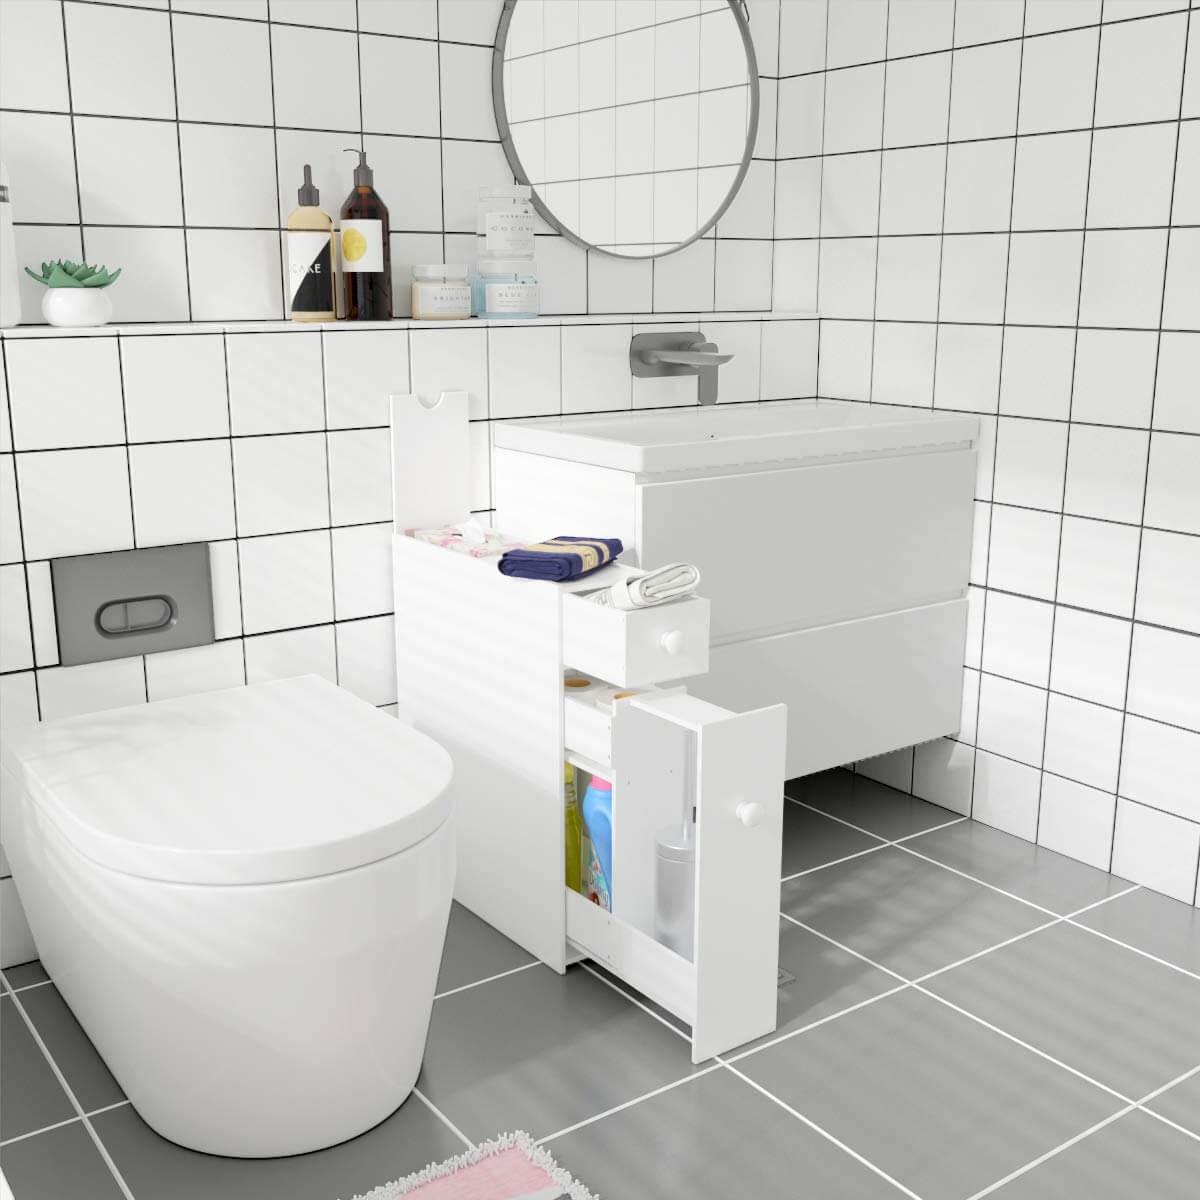 منظمات الحمام- وحدة التخزين أسفل الحوض